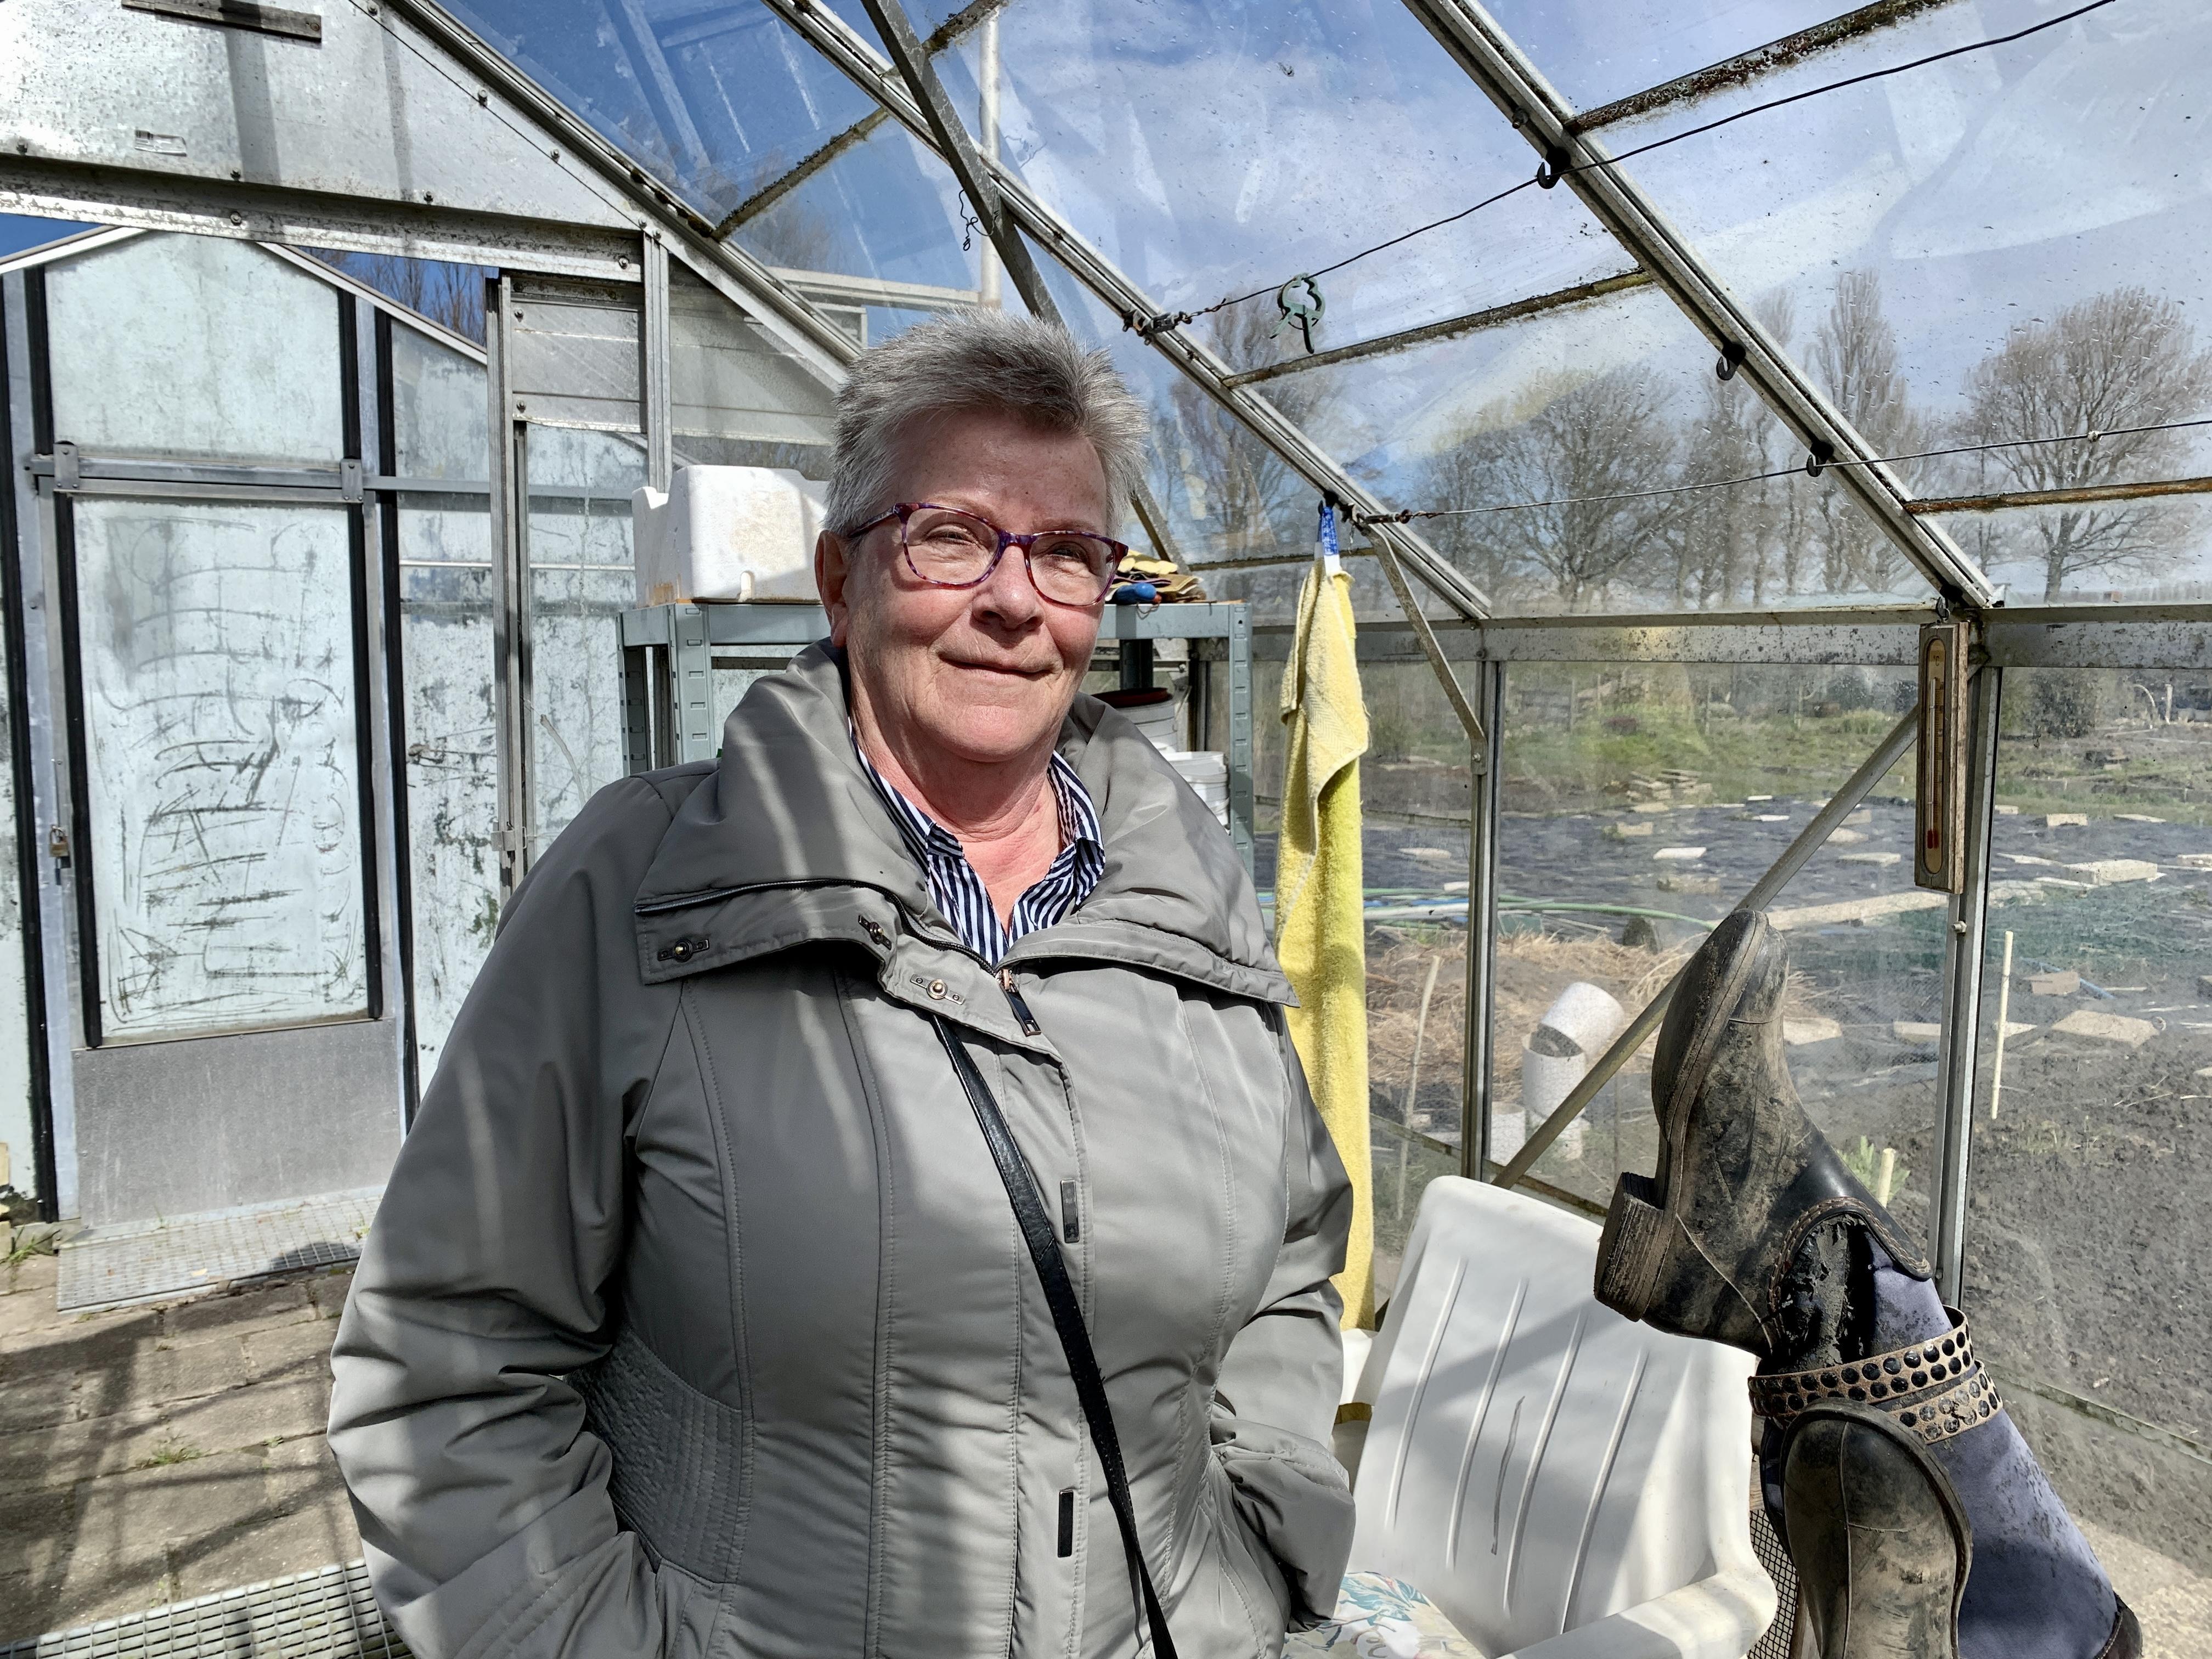 'Vrienden die om je heen staan, die vind je hier', zegt Gré over haar volkstuin De Vrijheid in de Alkmaarse Westvleugel. De Alkmaarse koestert al vijftien jaar die volkstuinliefde. Het gaat haar vooral om de contacten en het buiten zijn